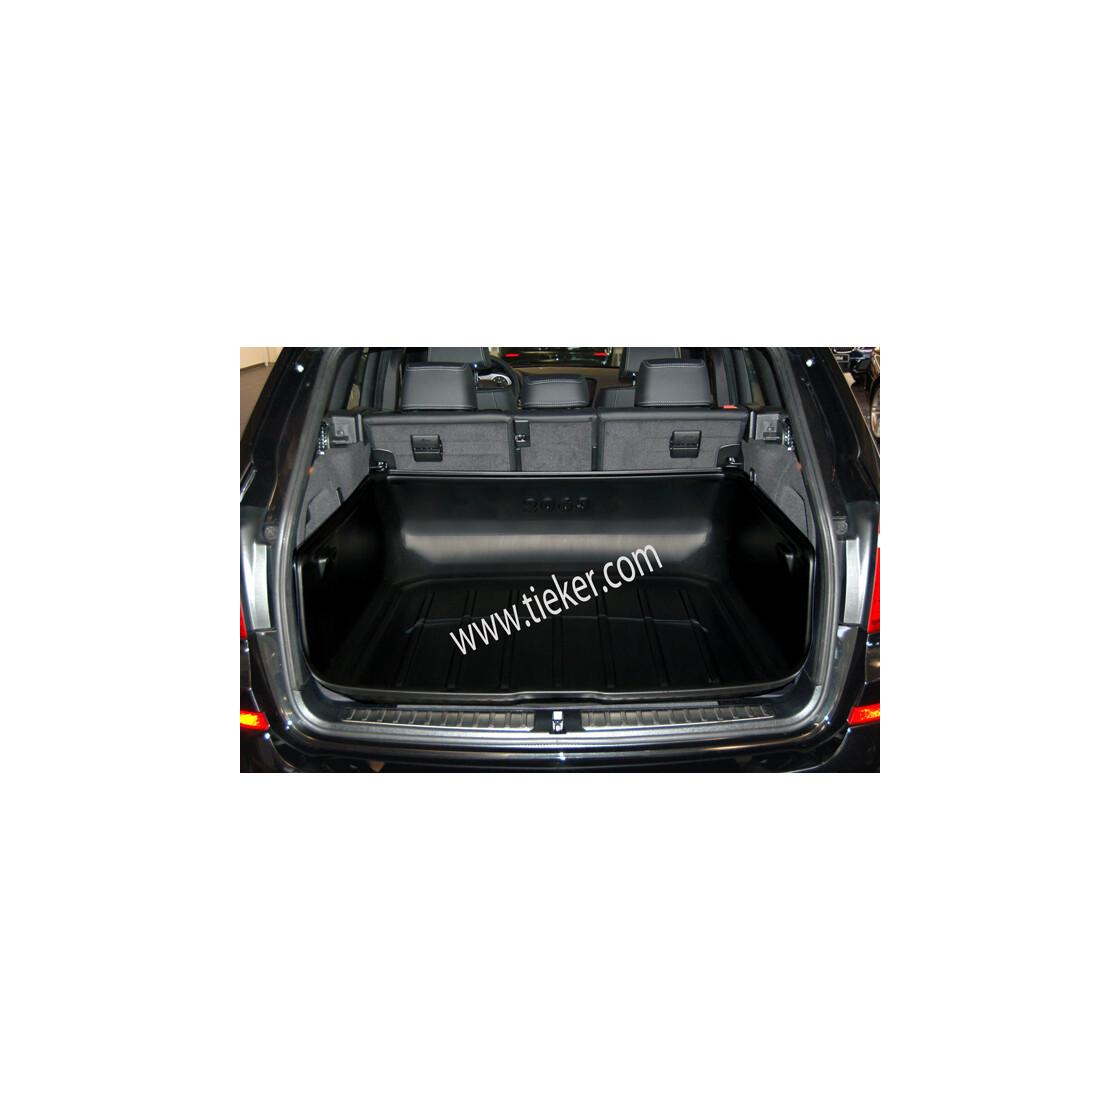 kofferraumwanne bmw x3 f25 hoch carbox laderaumwanne. Black Bedroom Furniture Sets. Home Design Ideas